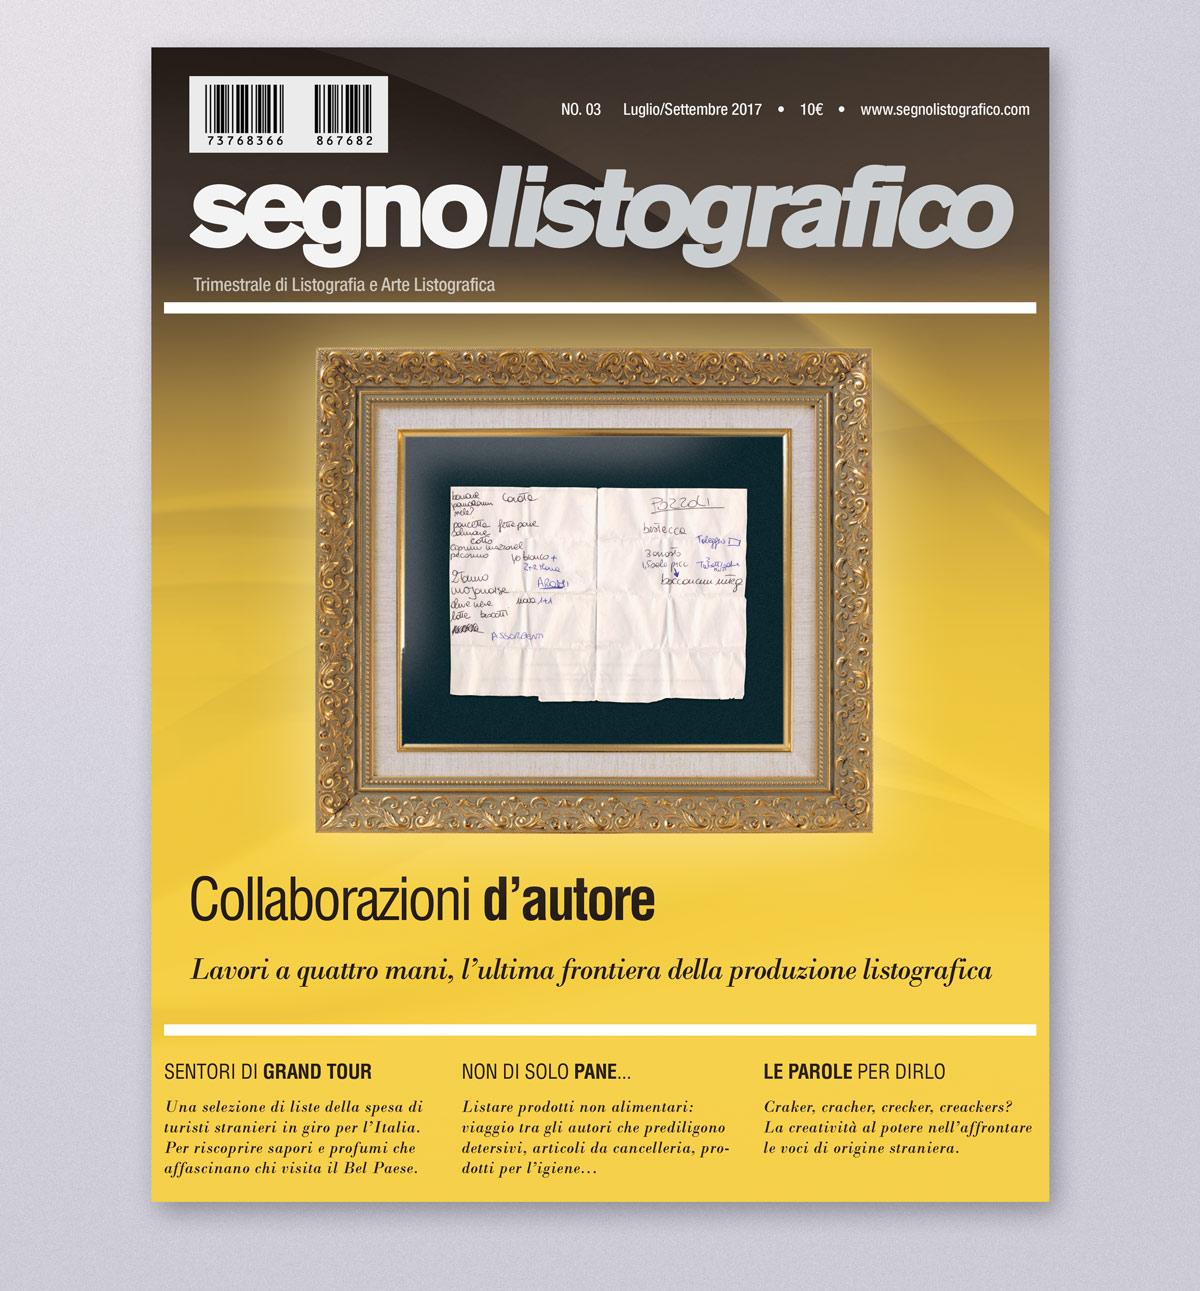 Segno Listografico - Luglio/Settembre 2017